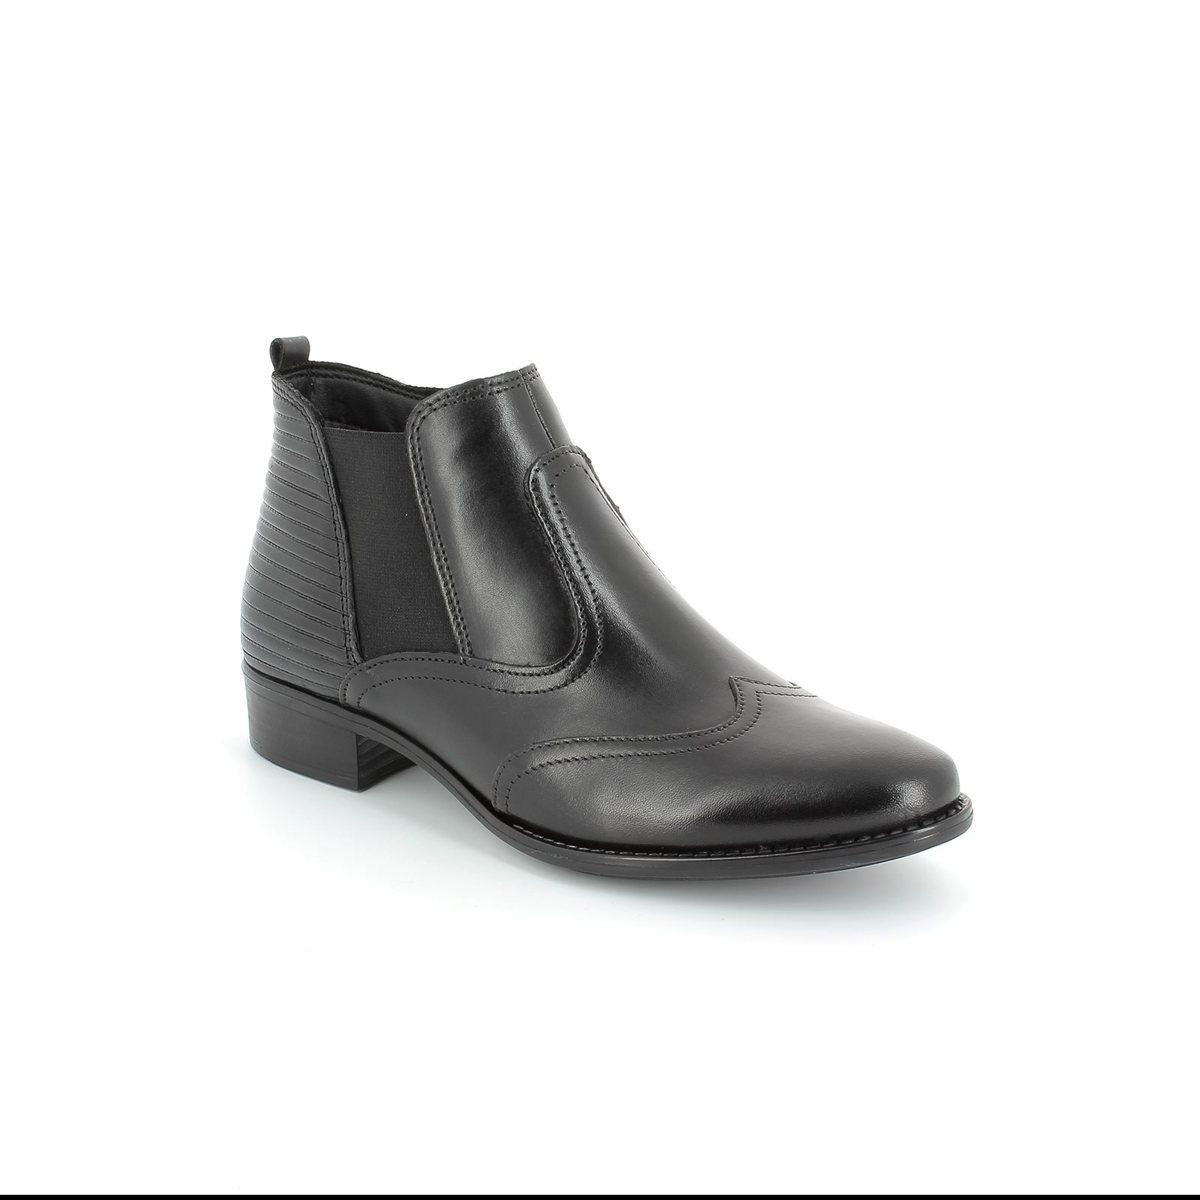 tamaris linda 25001 001 black ankle boots. Black Bedroom Furniture Sets. Home Design Ideas